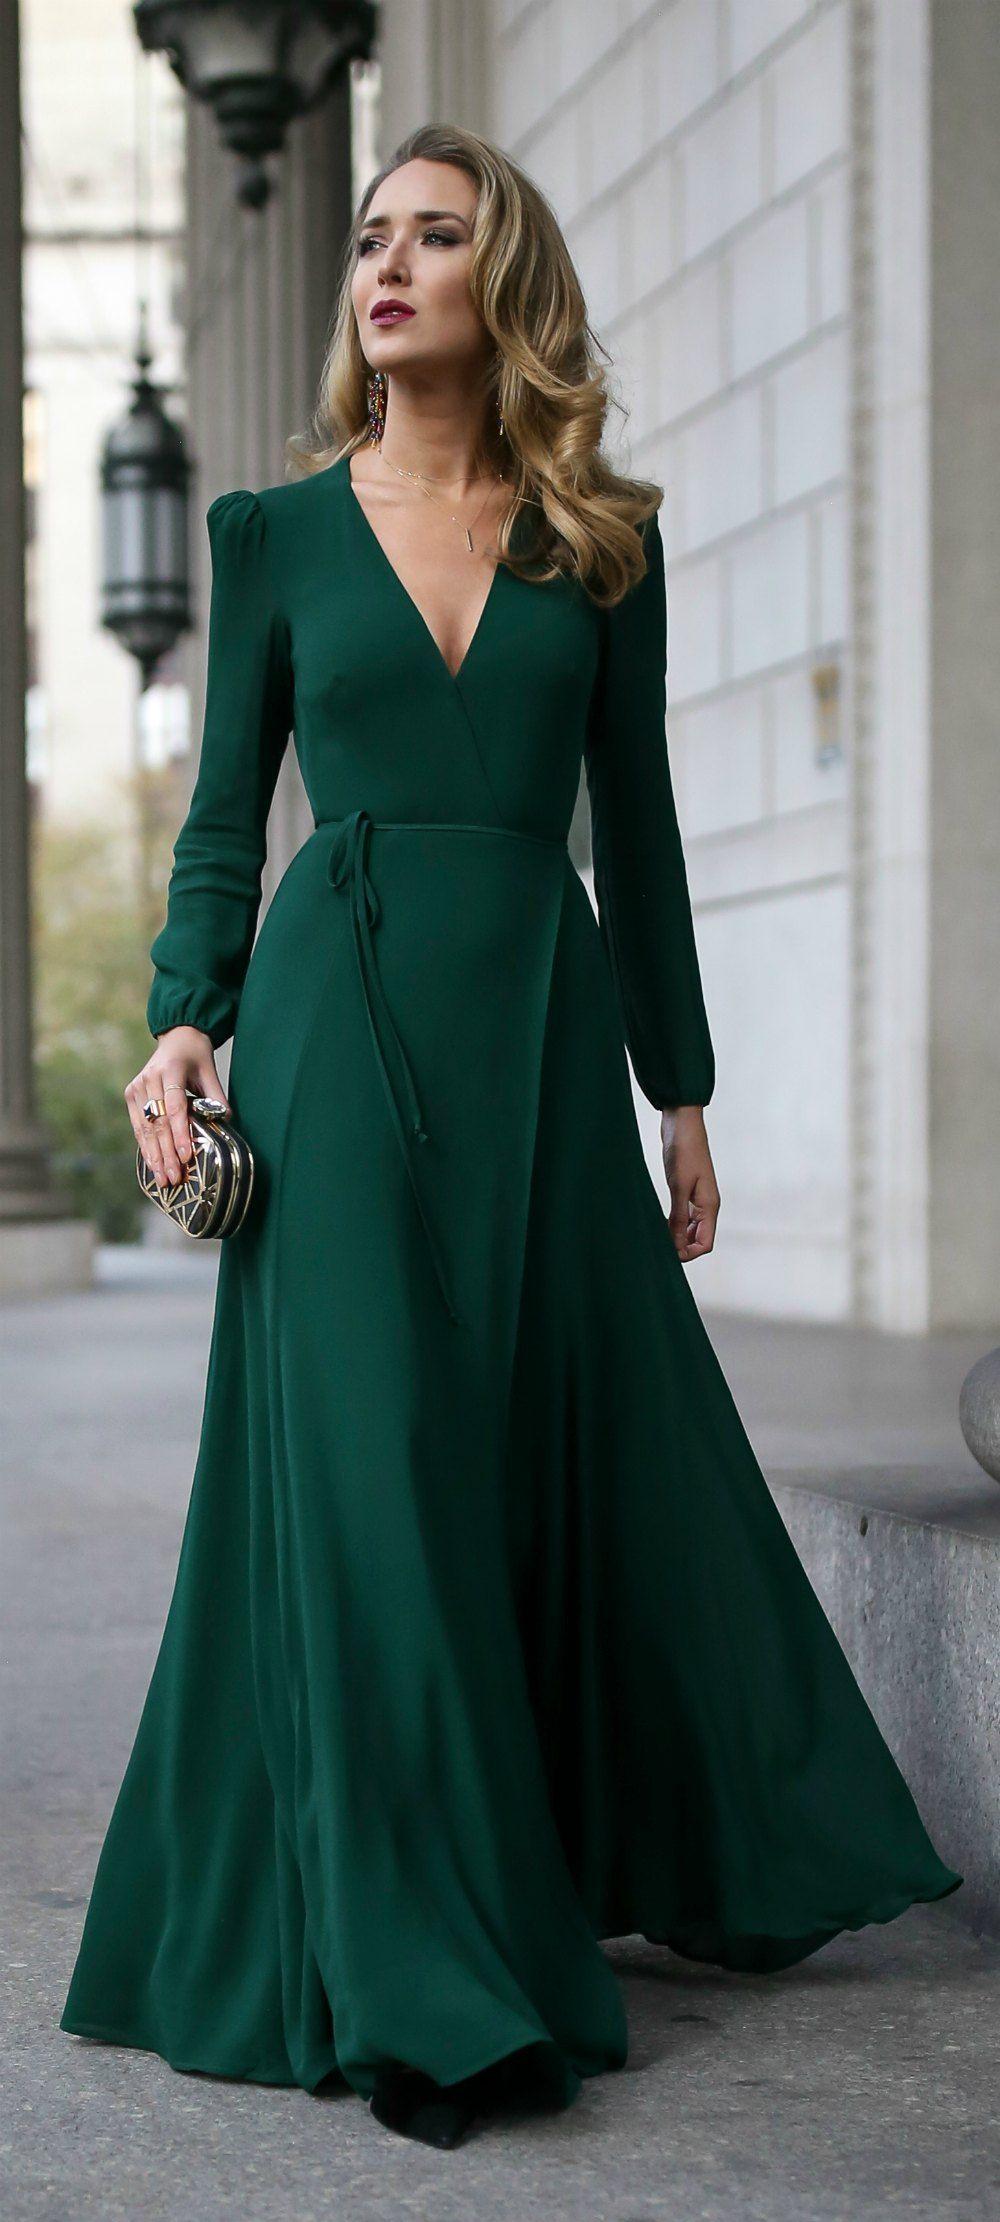 Green long sleeve dress wedding guest dresses